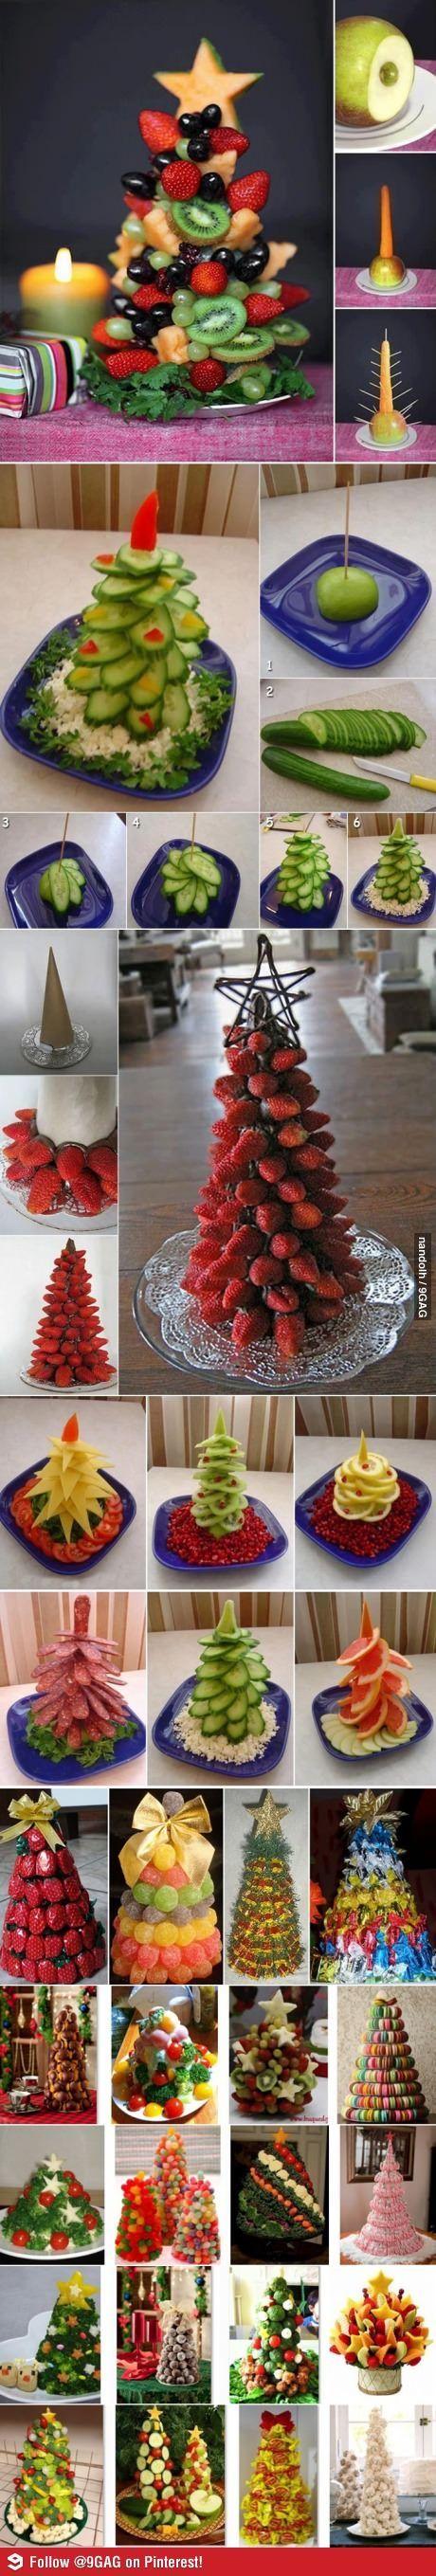 Arbol de navidad hecho con frutas y verduras. Delicioso!